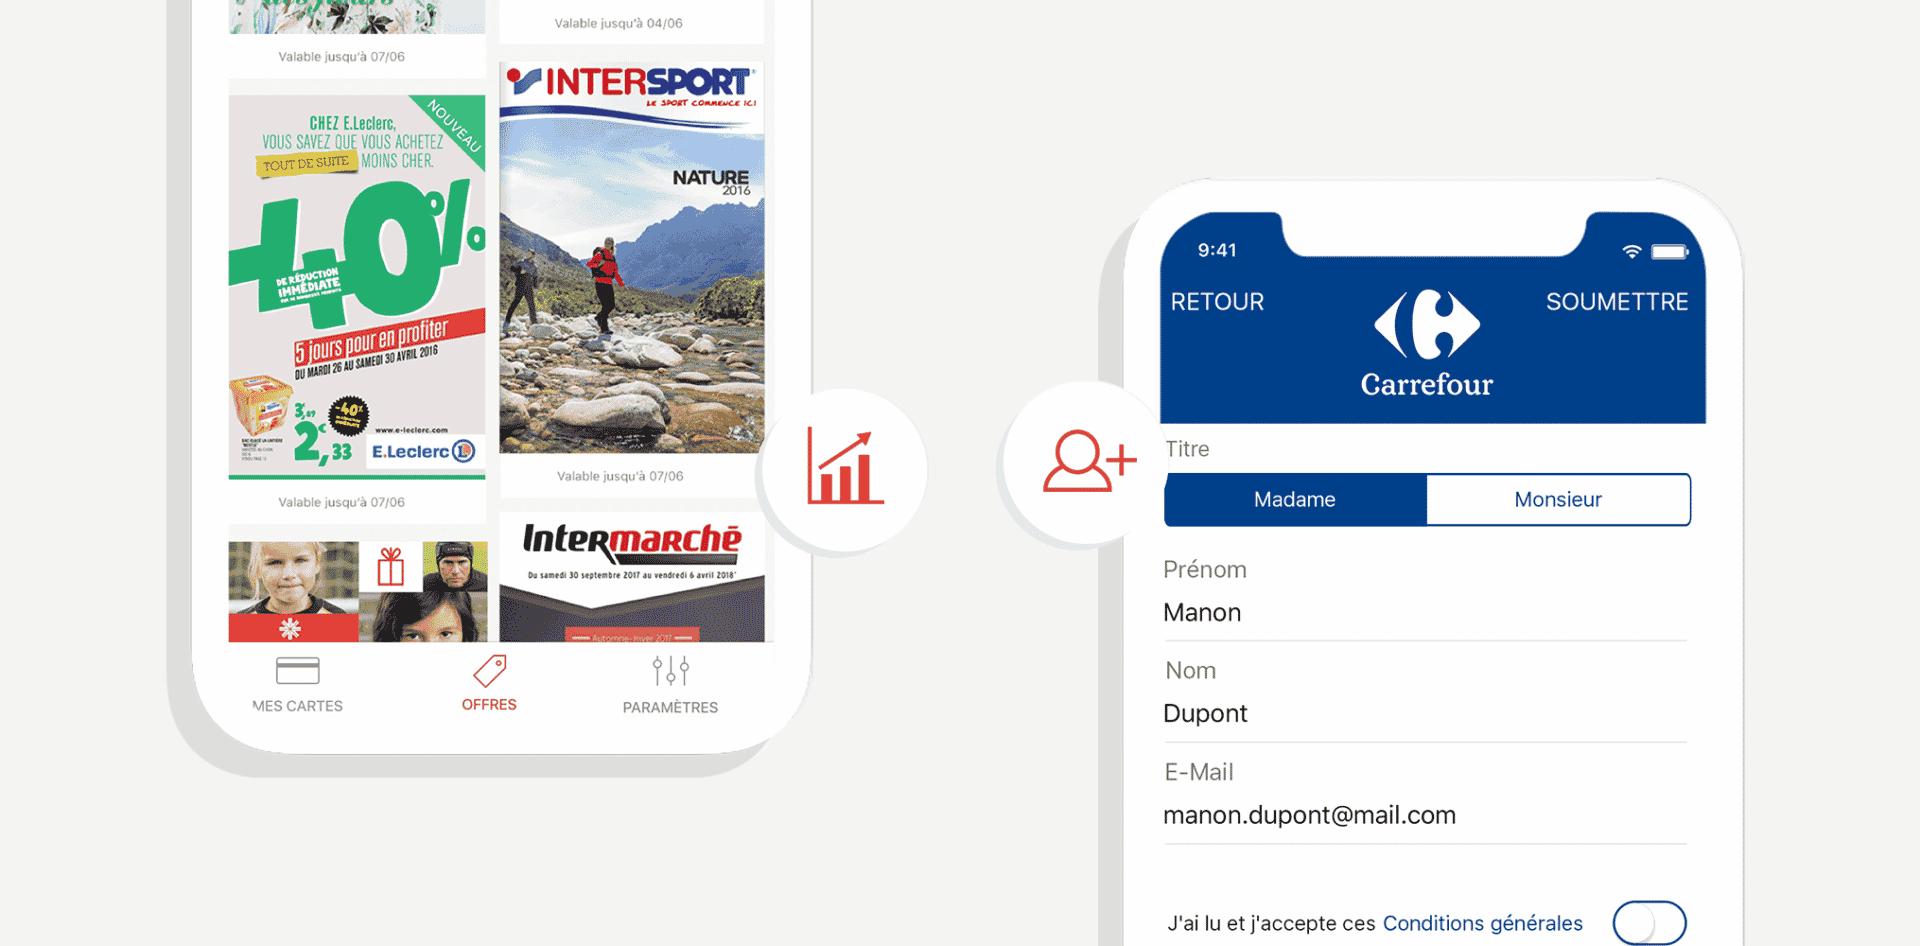 écrans digitaux Stacard avec Carrefour Intermarché Intersport